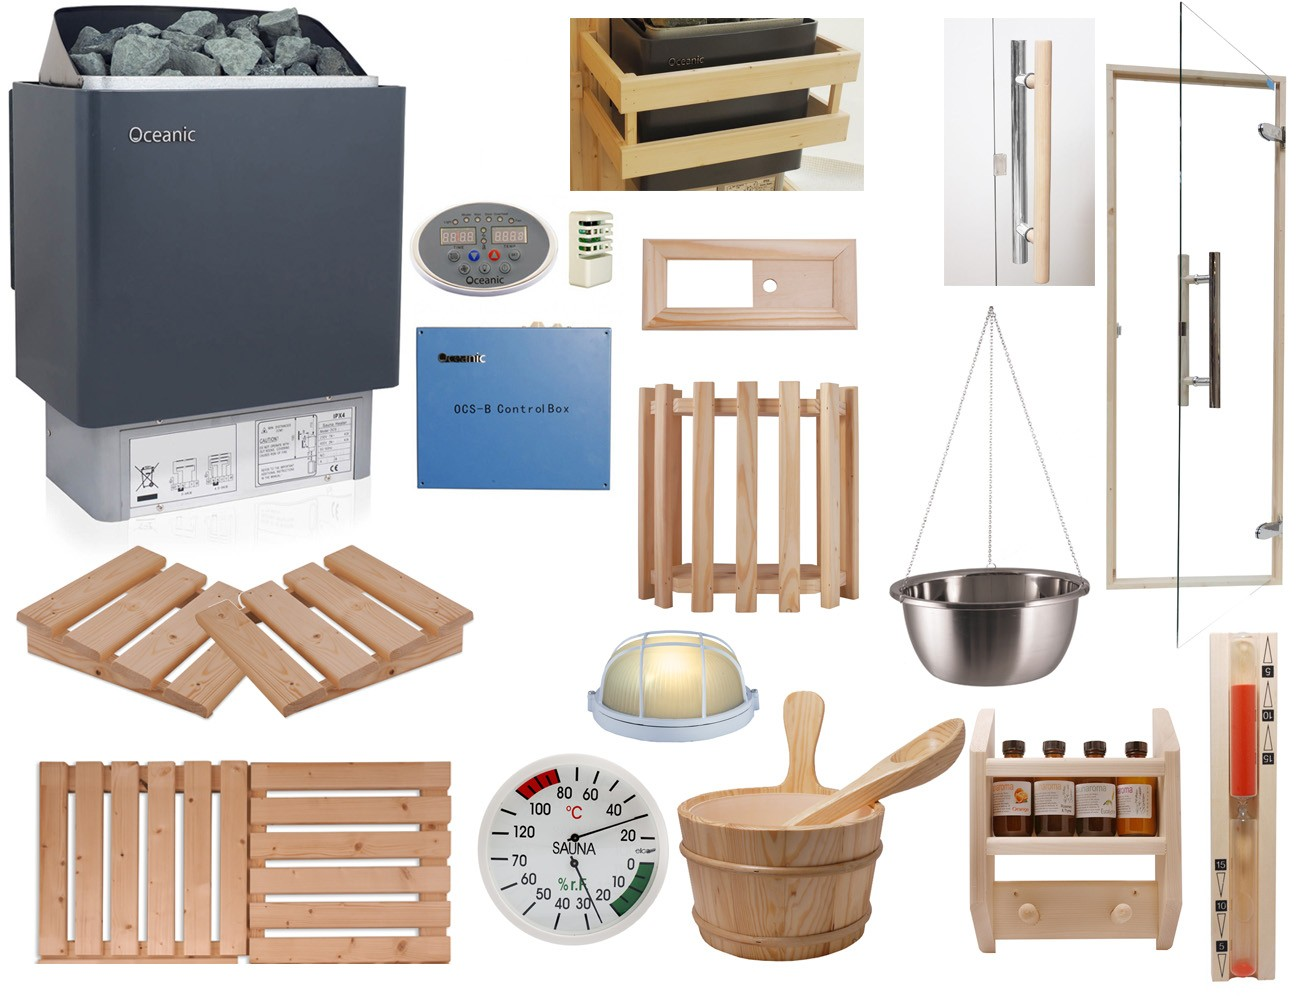 Construire Un Sauna Finlandais kit sauna celebration, poêle avec commande déportée ocsb